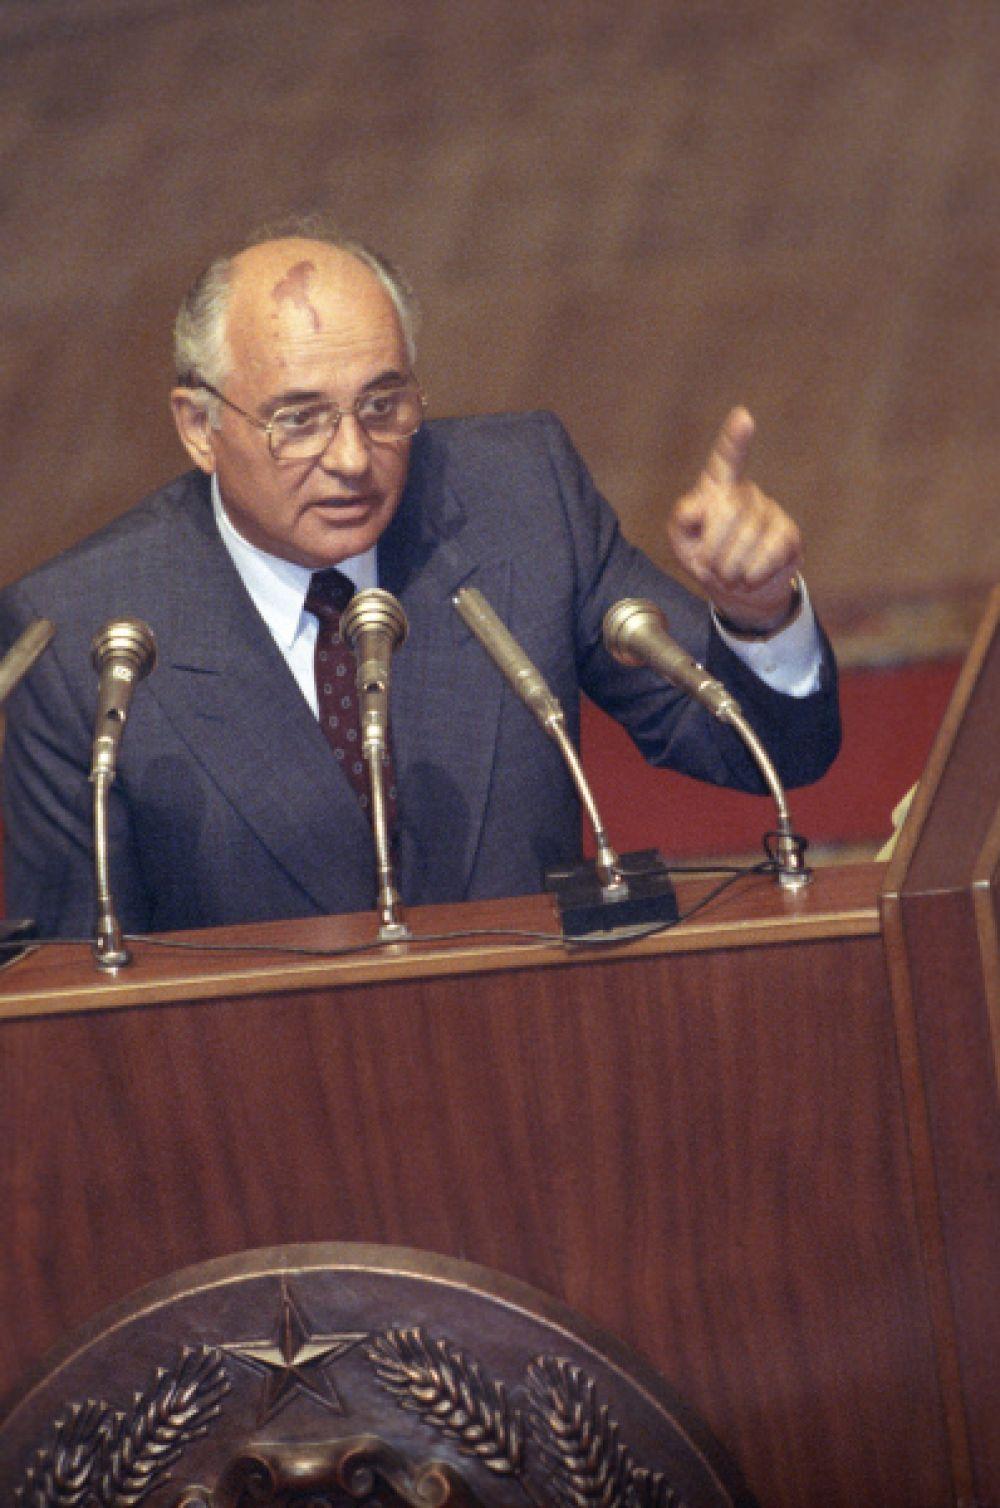 23 августа Горбачёв выступил на сессии Верховного Совета РСФСР, но симпатий слушателей не снискал. Затем прямо в зале Борис Ельцин подписал указ о приостановлении деятельности Коммунистической партии РСФСР. Фактически, это положило конец ЦК КПСС.